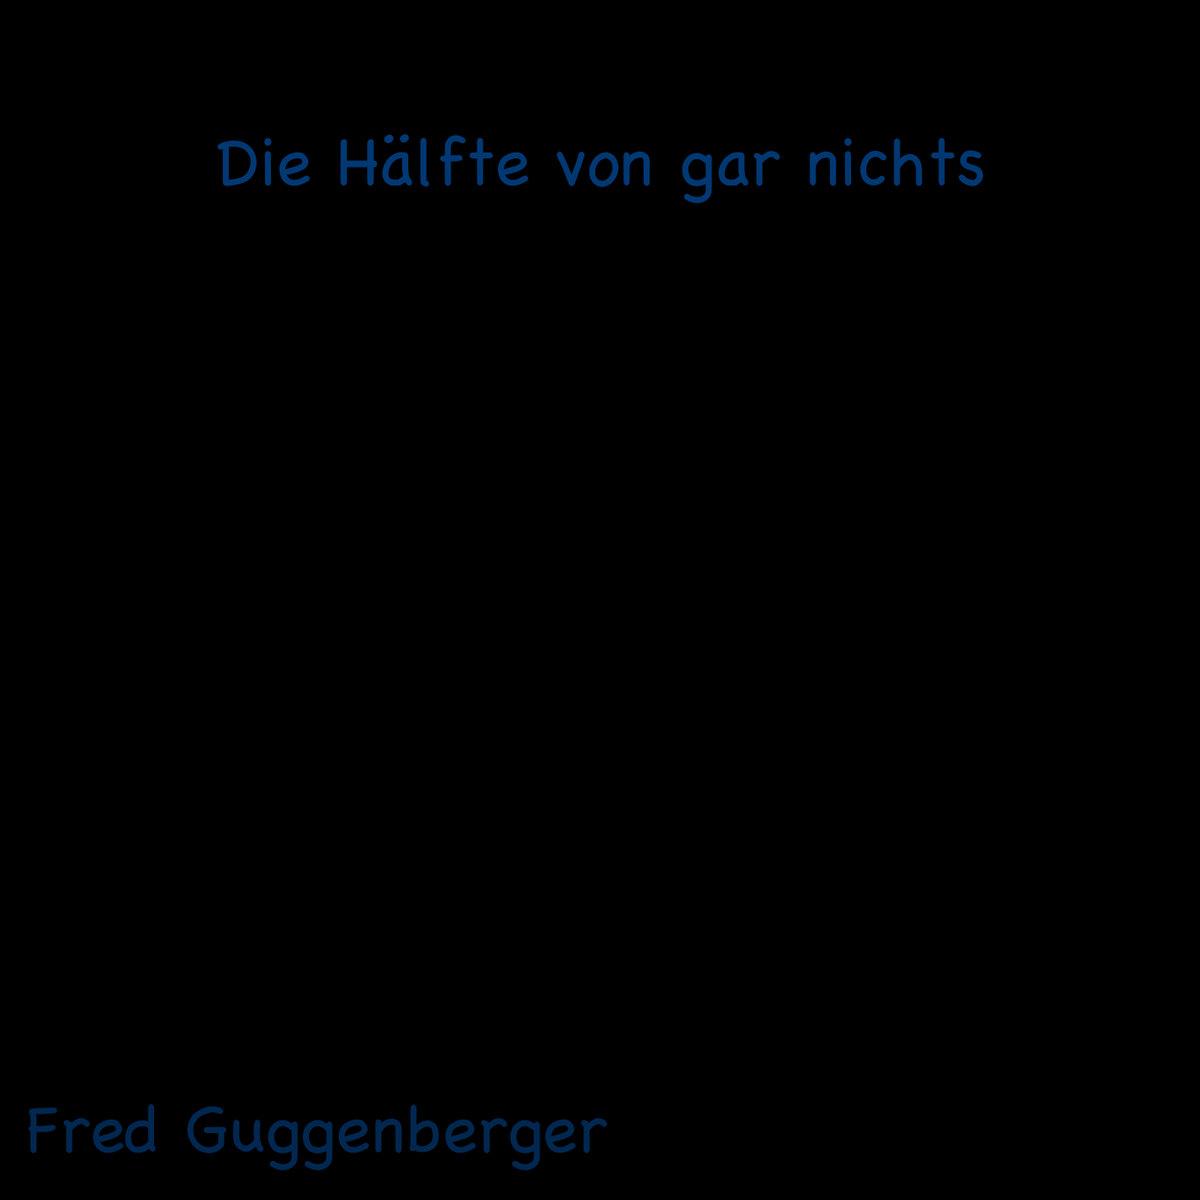 Die Hälfte von gar nichts by Fred Guggenberger